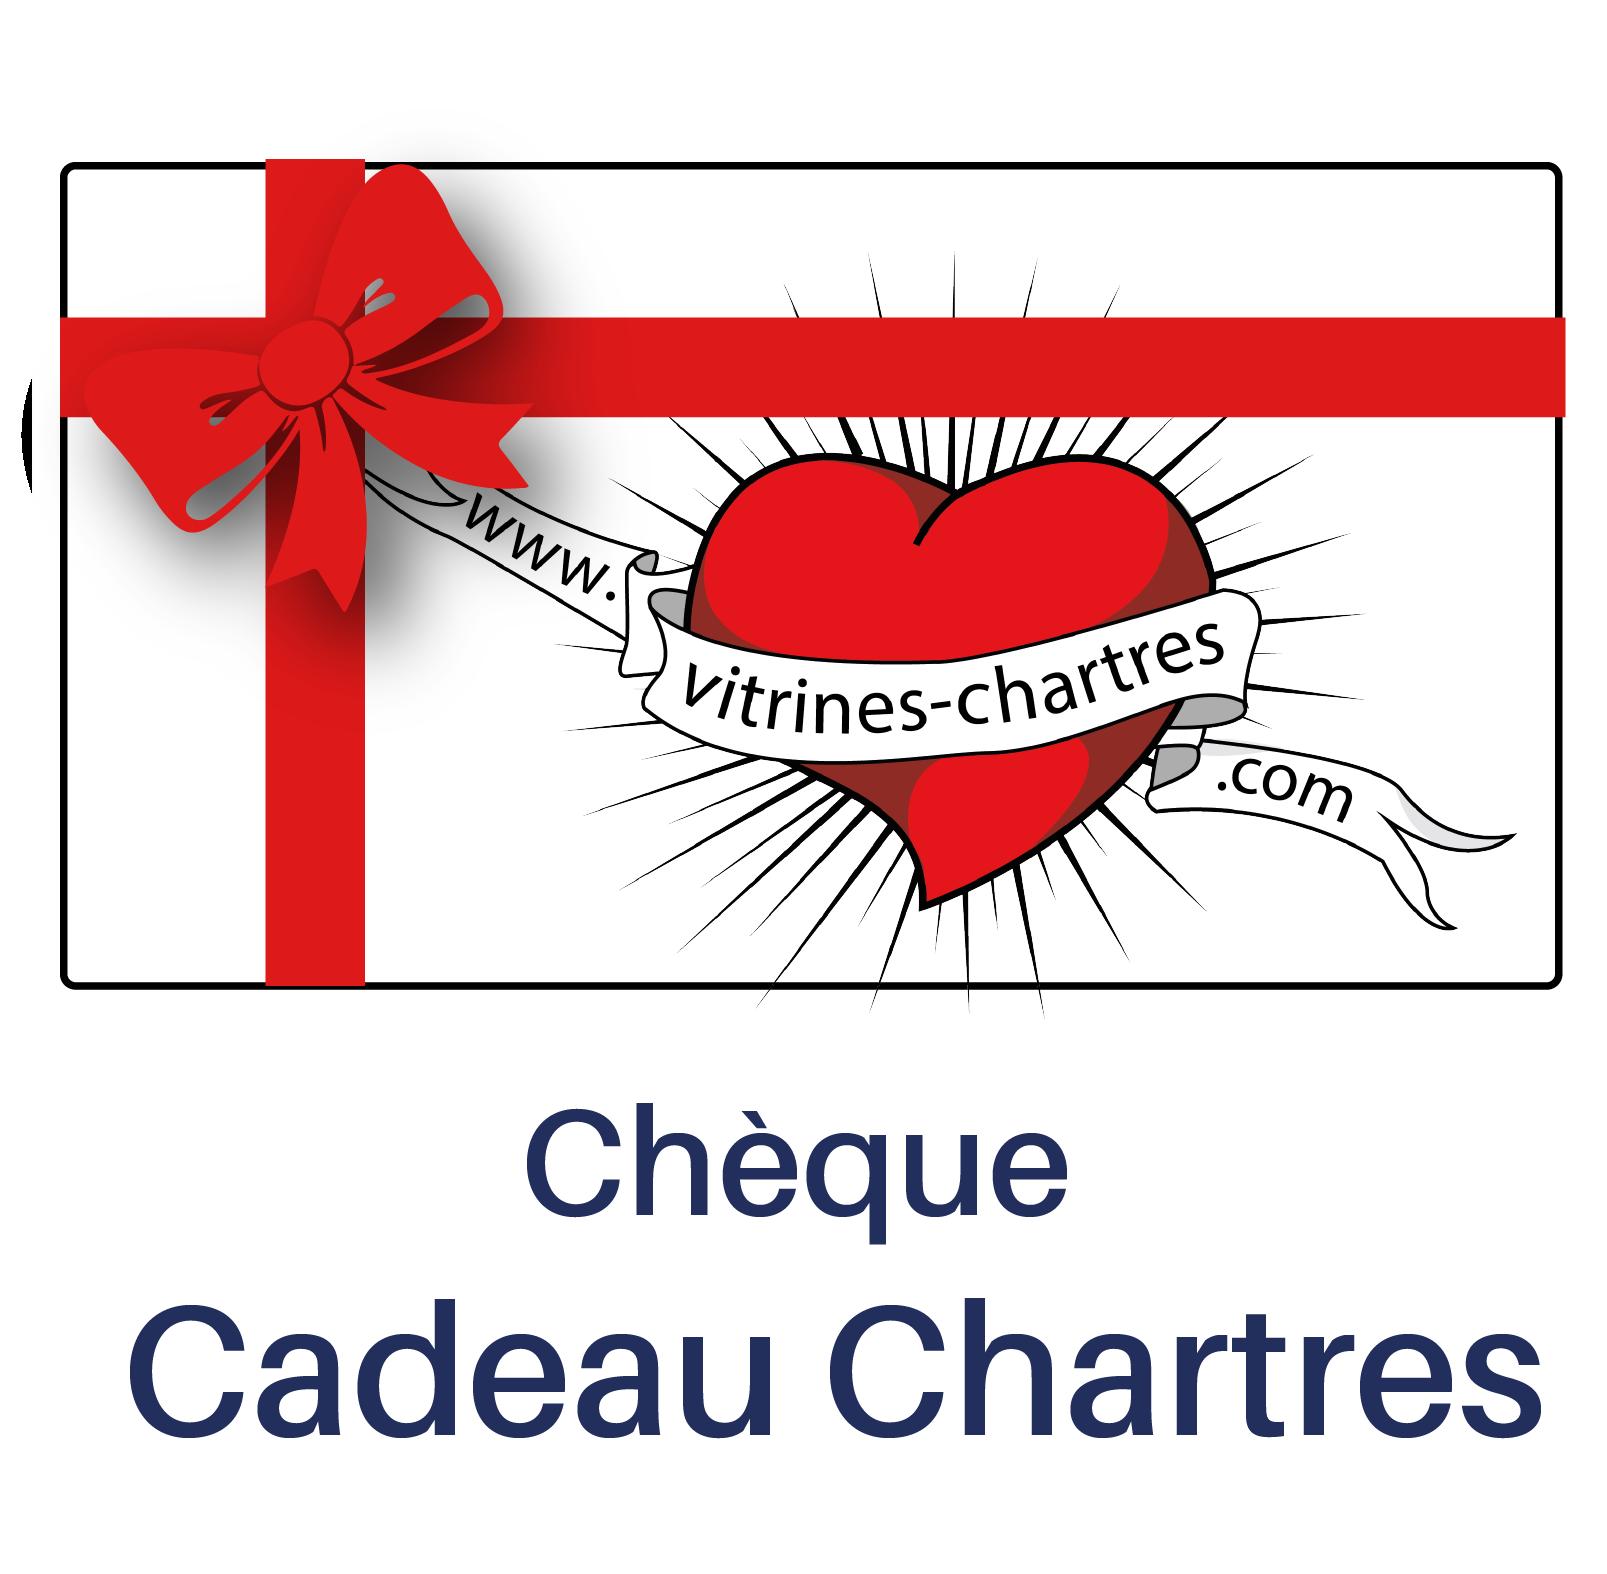 Chèque Cadeau Chartres